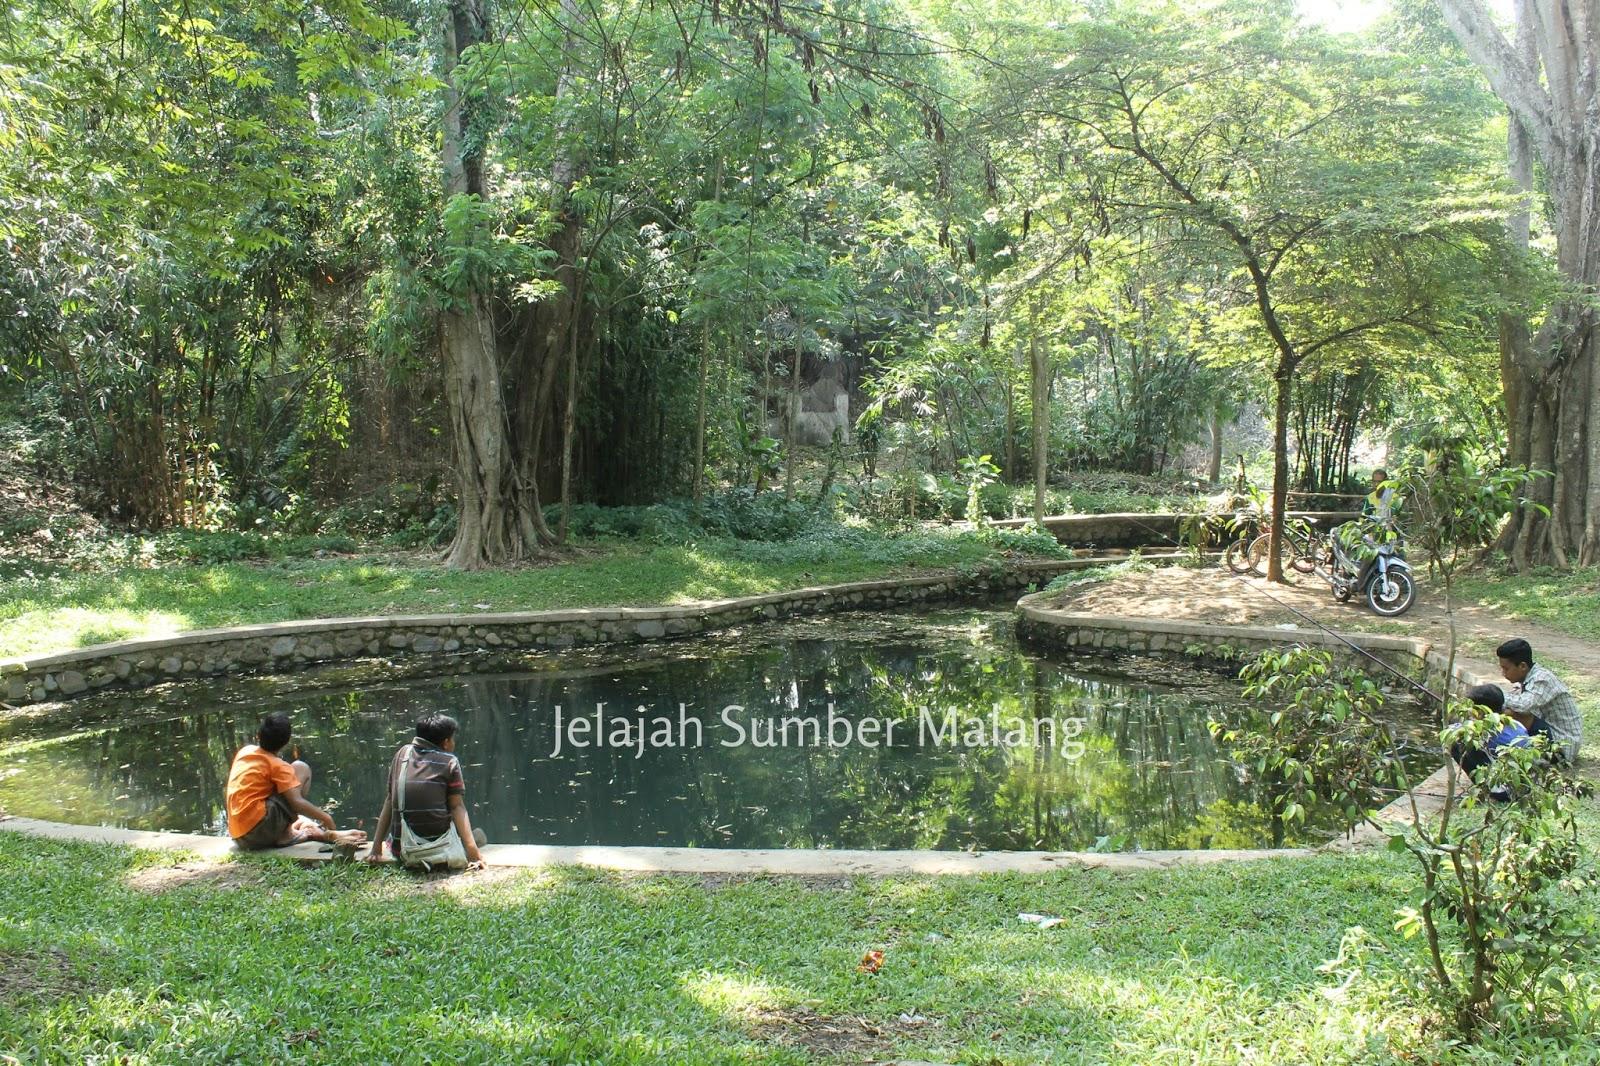 Wendit Lanang Pemandian Partikelir Dekat Jelajah Sumber Tidak Jauh Taman